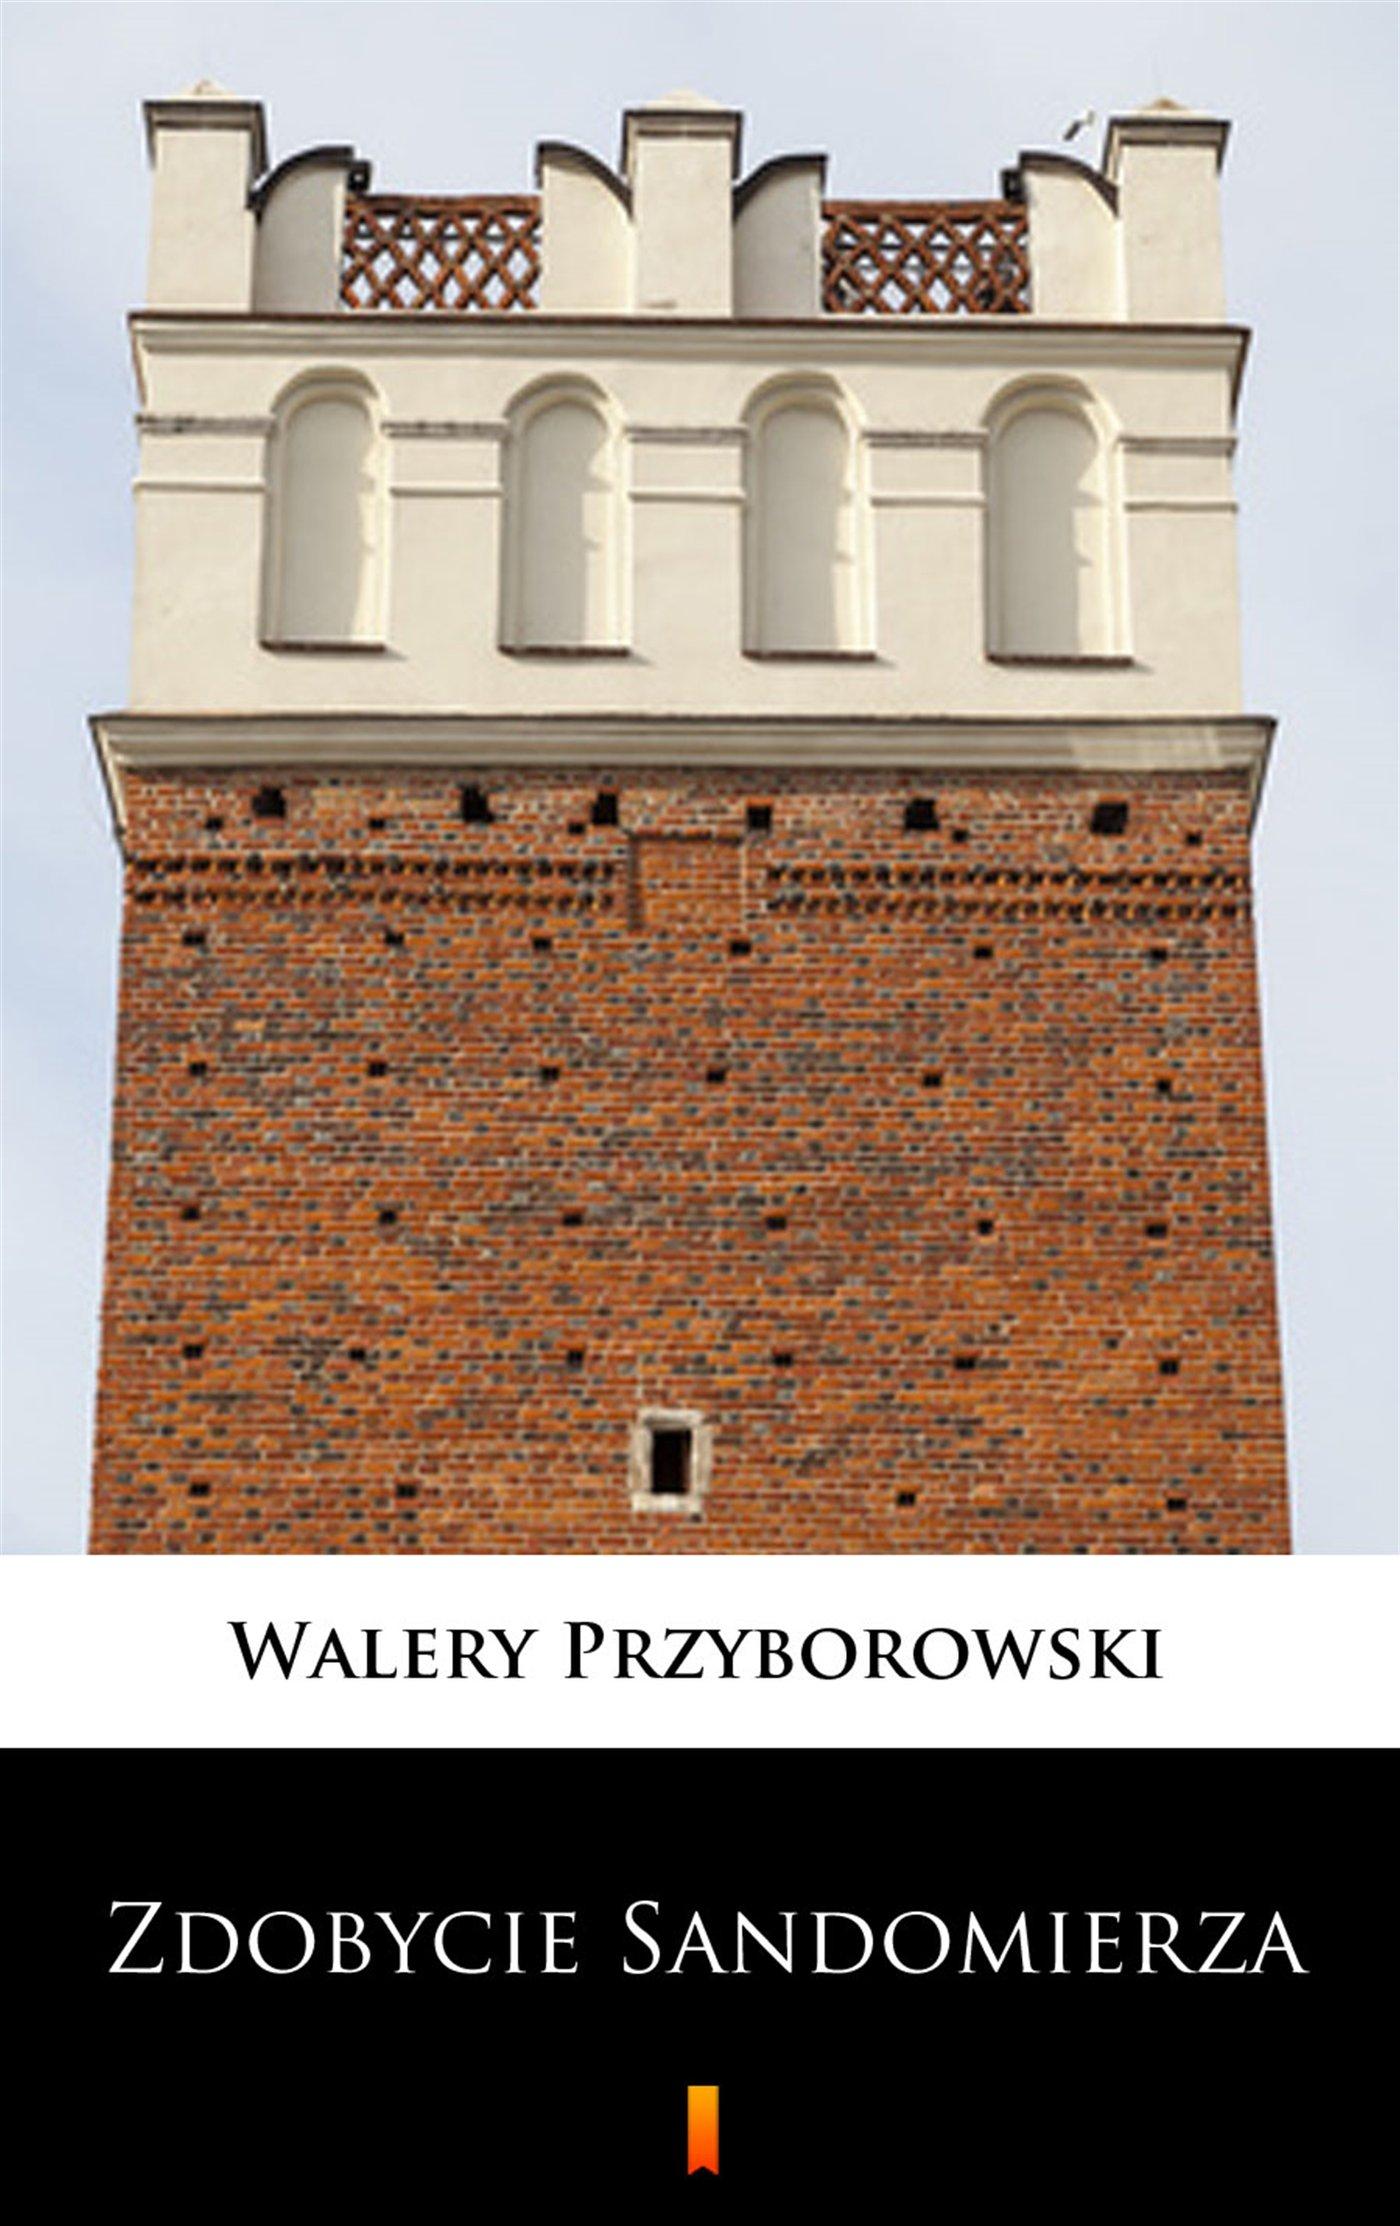 Zdobycie Sandomierza - Ebook (Książka EPUB) do pobrania w formacie EPUB